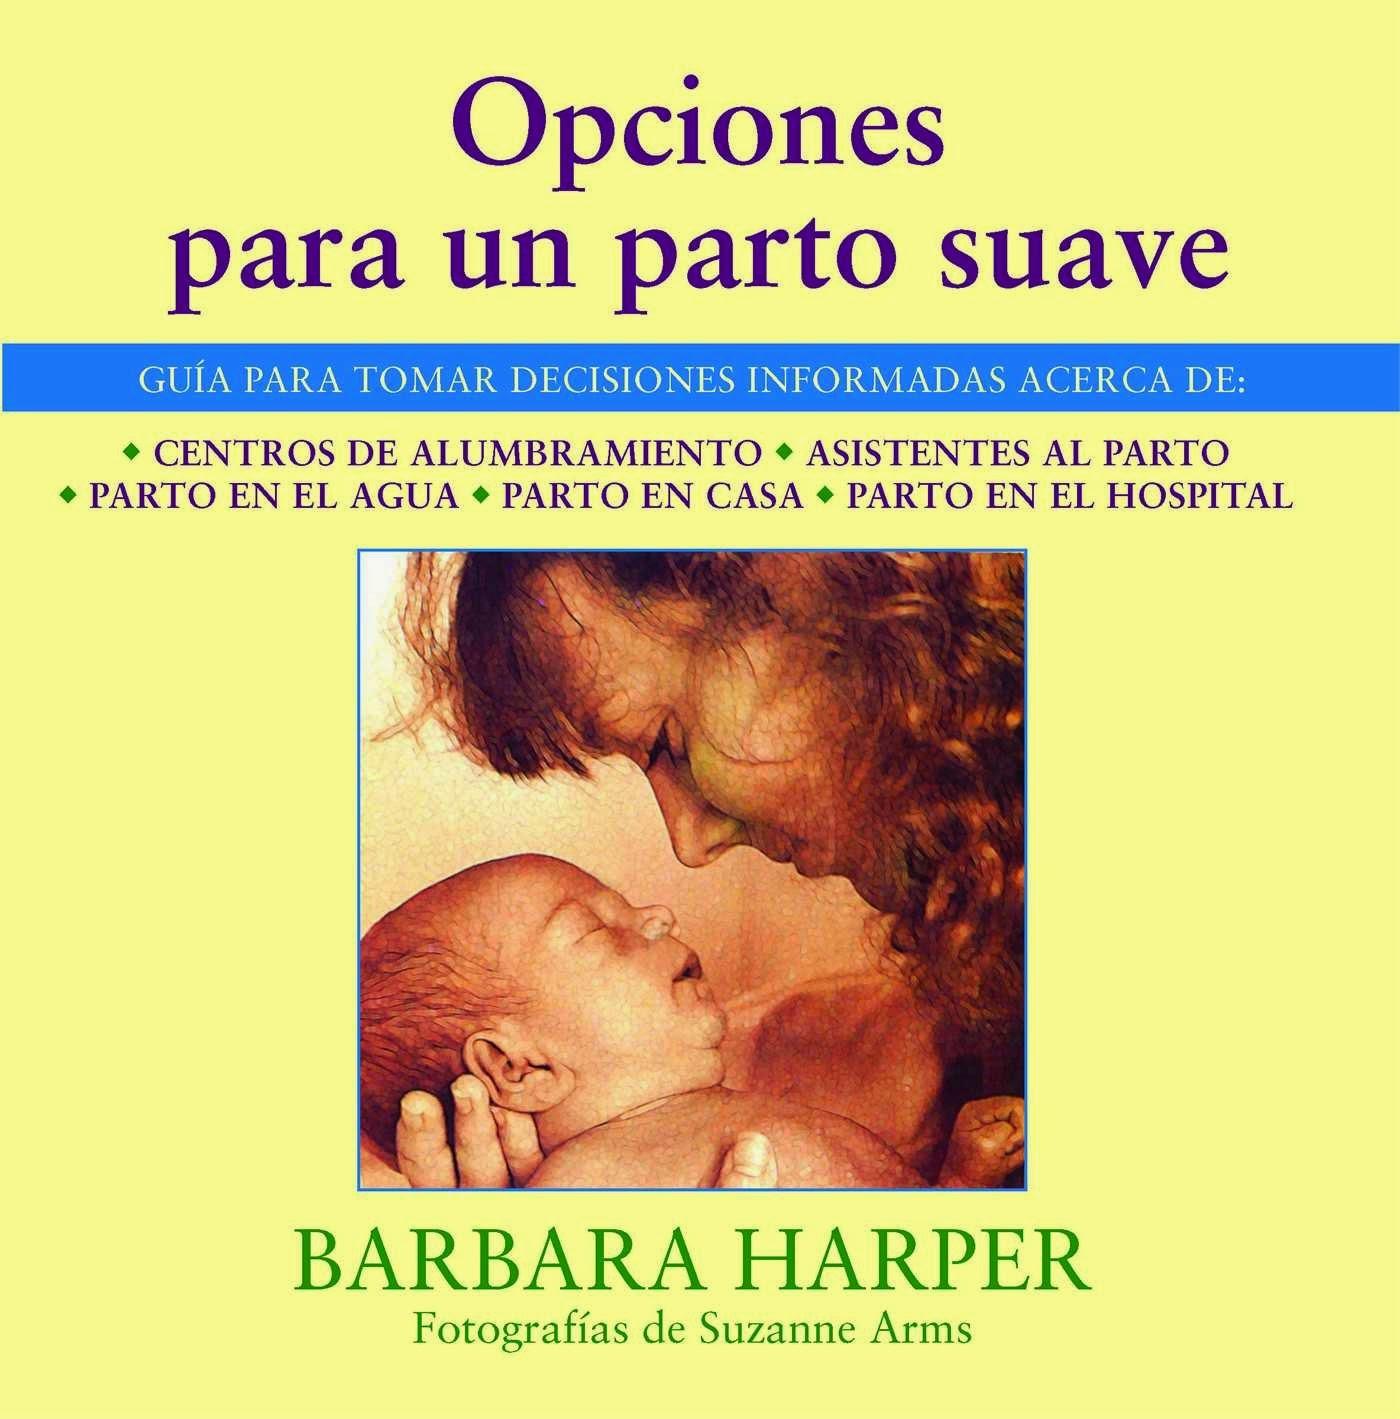 http://www.amazon.com/Opciones-Para-Un-Parto-Suave/dp/0892814713#reader_0892814713